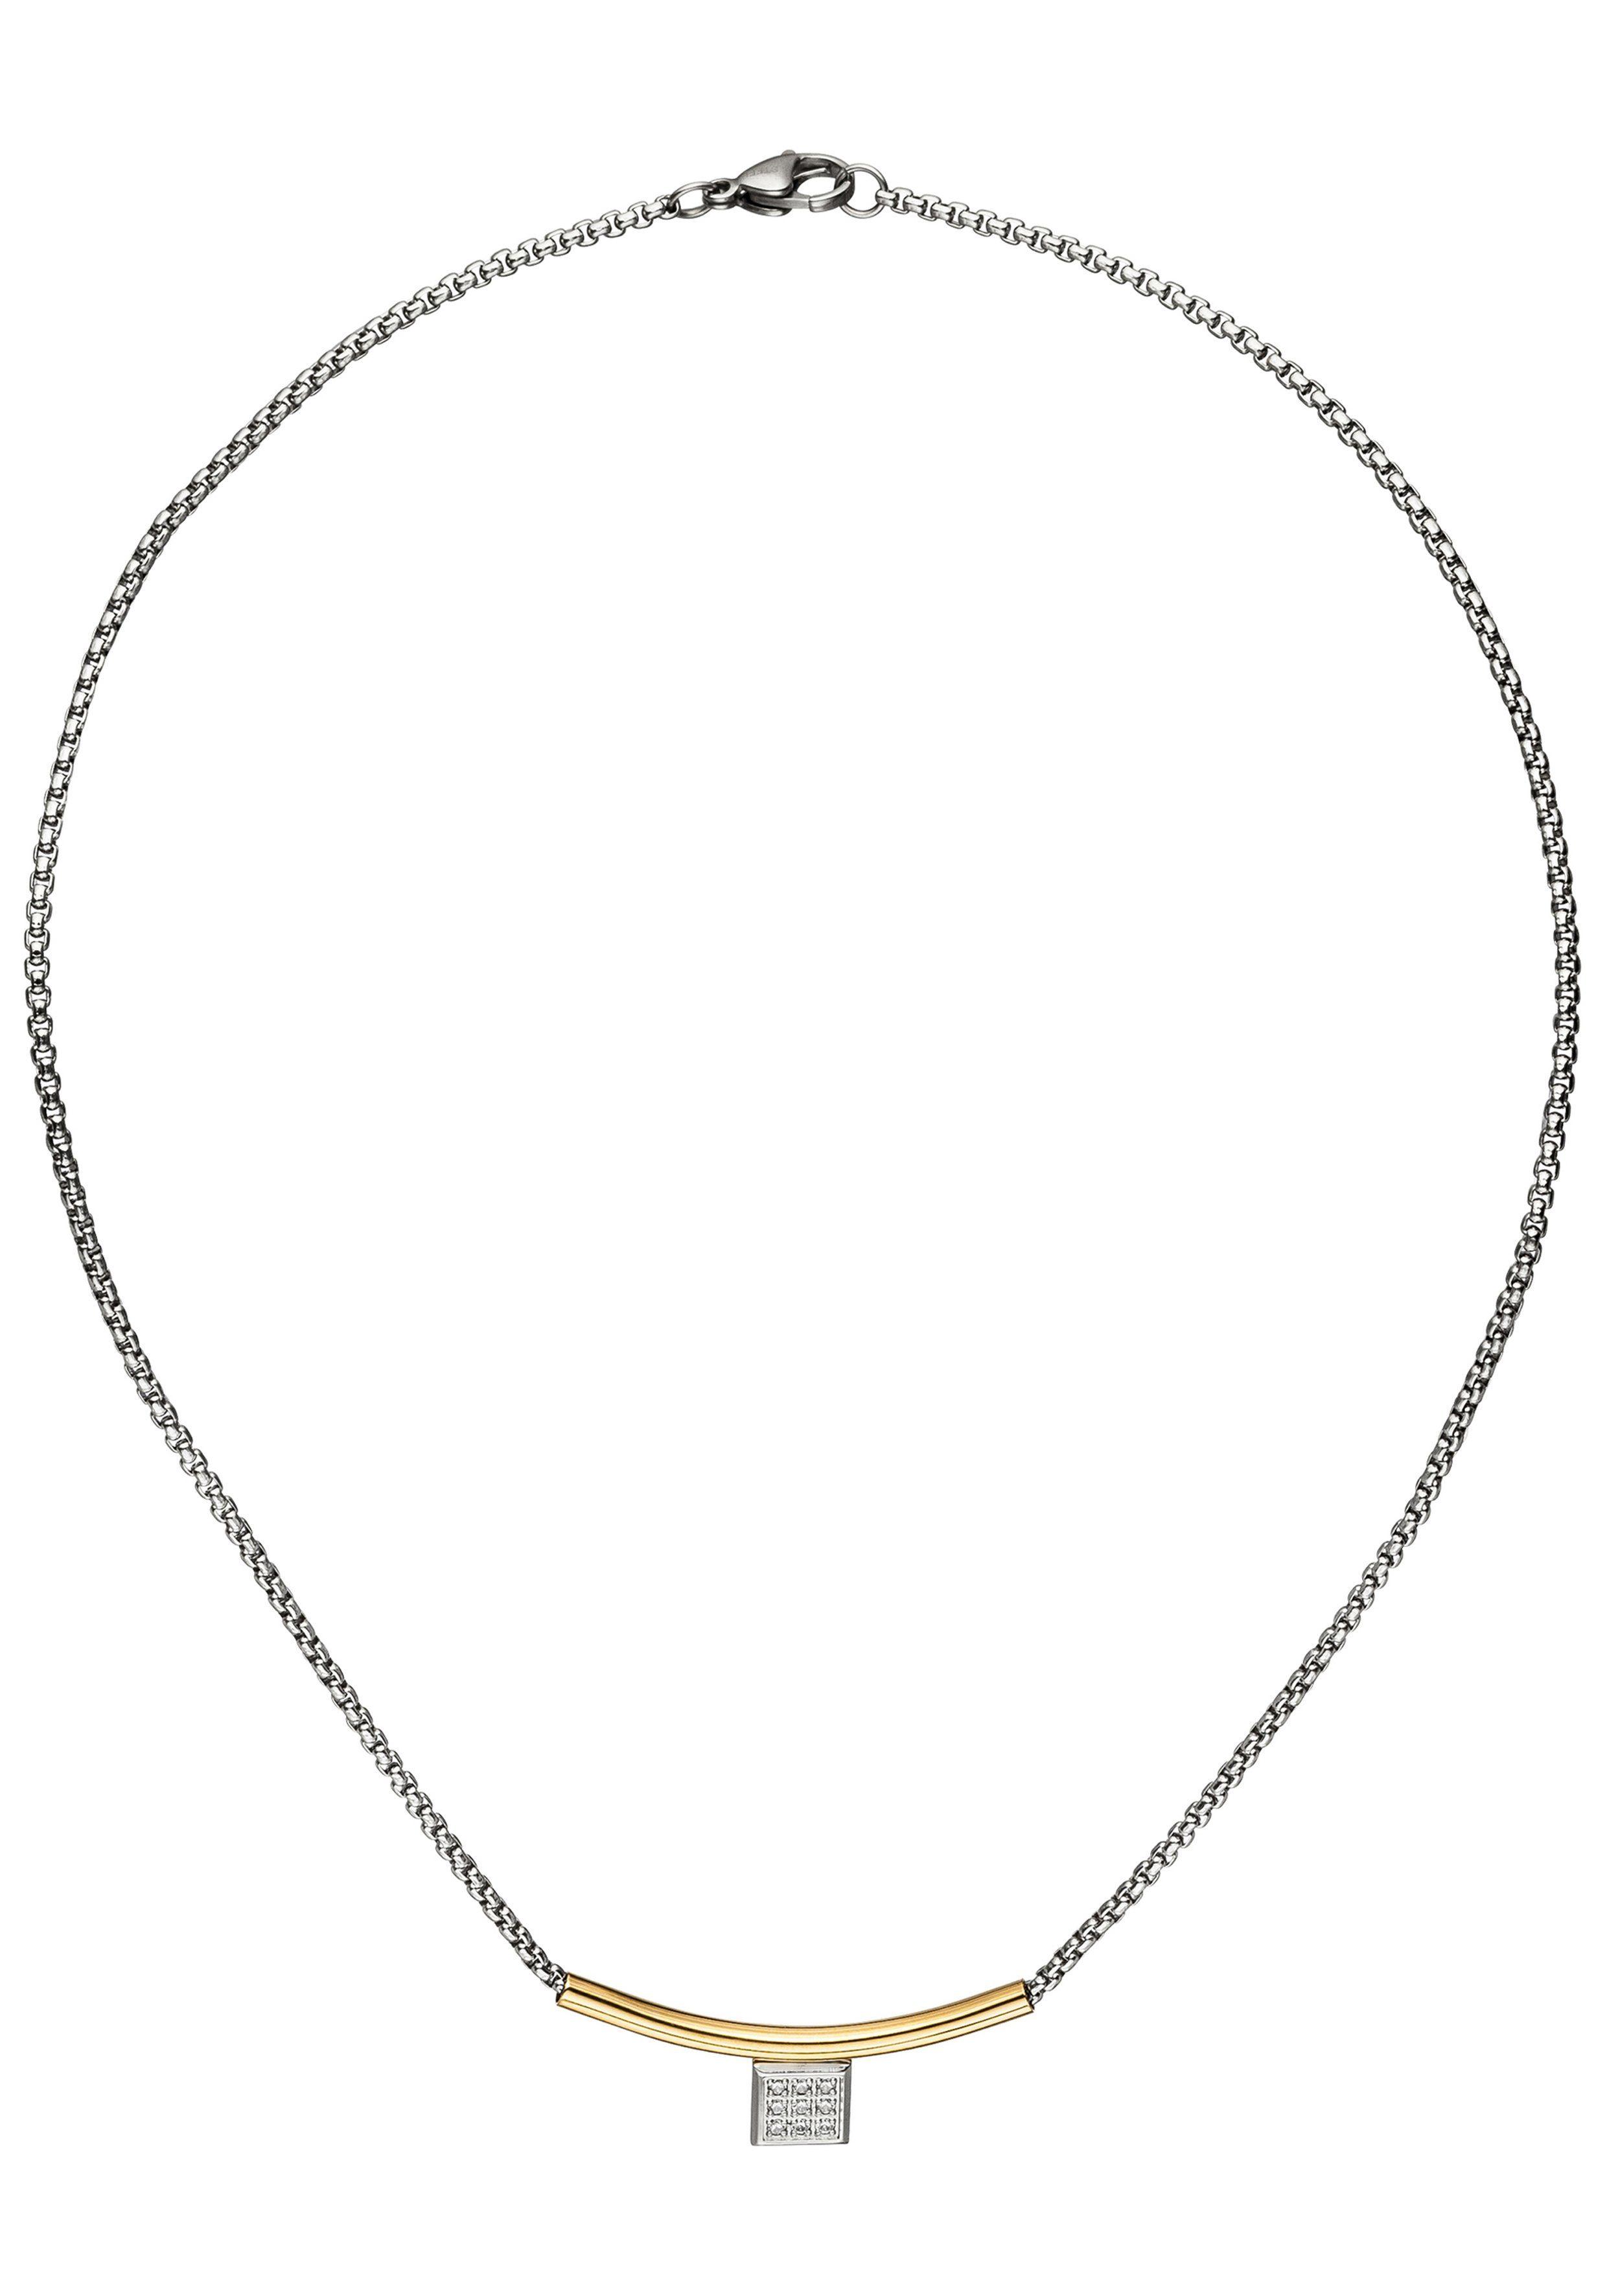 JOBO Collier Edelstahl bicolor mit Zirkonia 42 cm